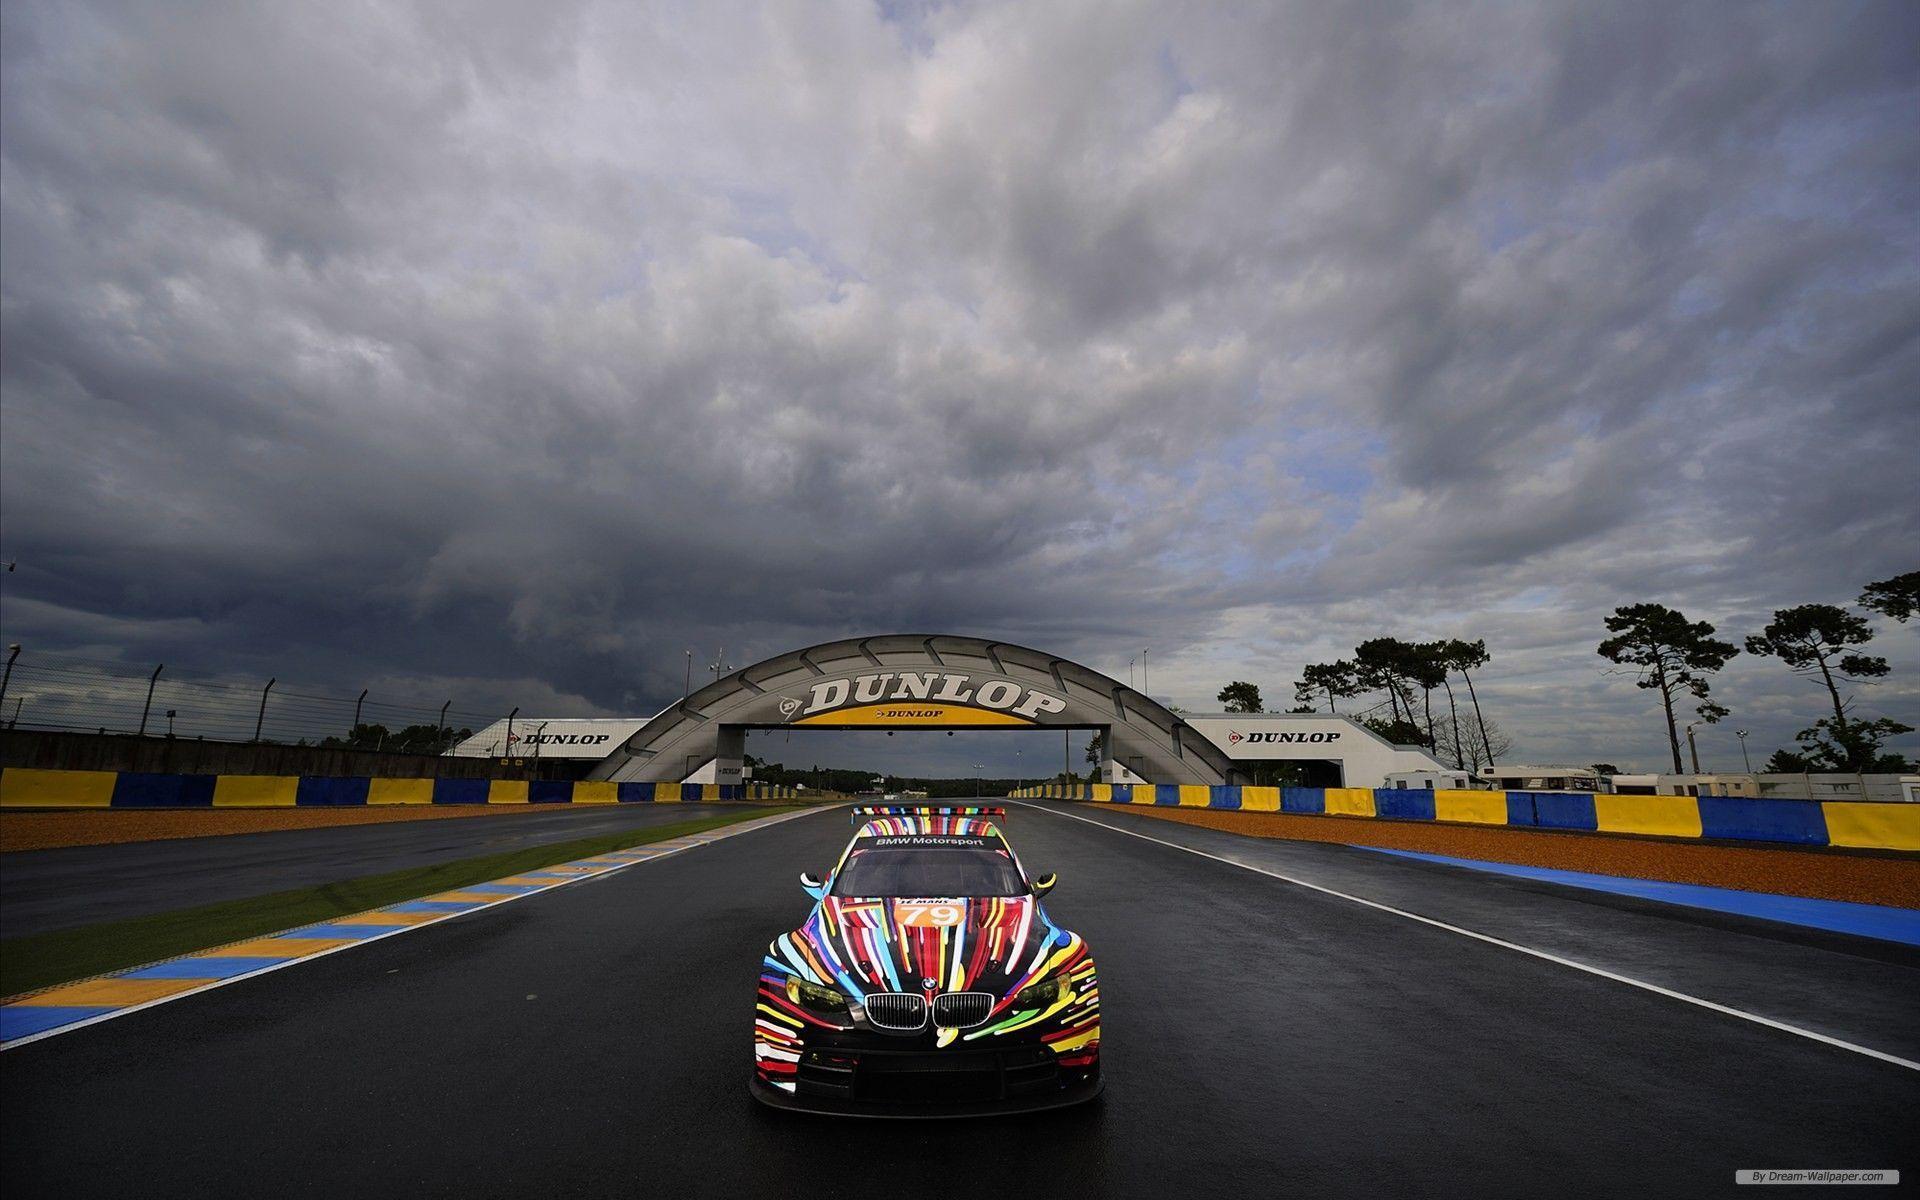 Le Mans Wallpaper - WallpaperSafari